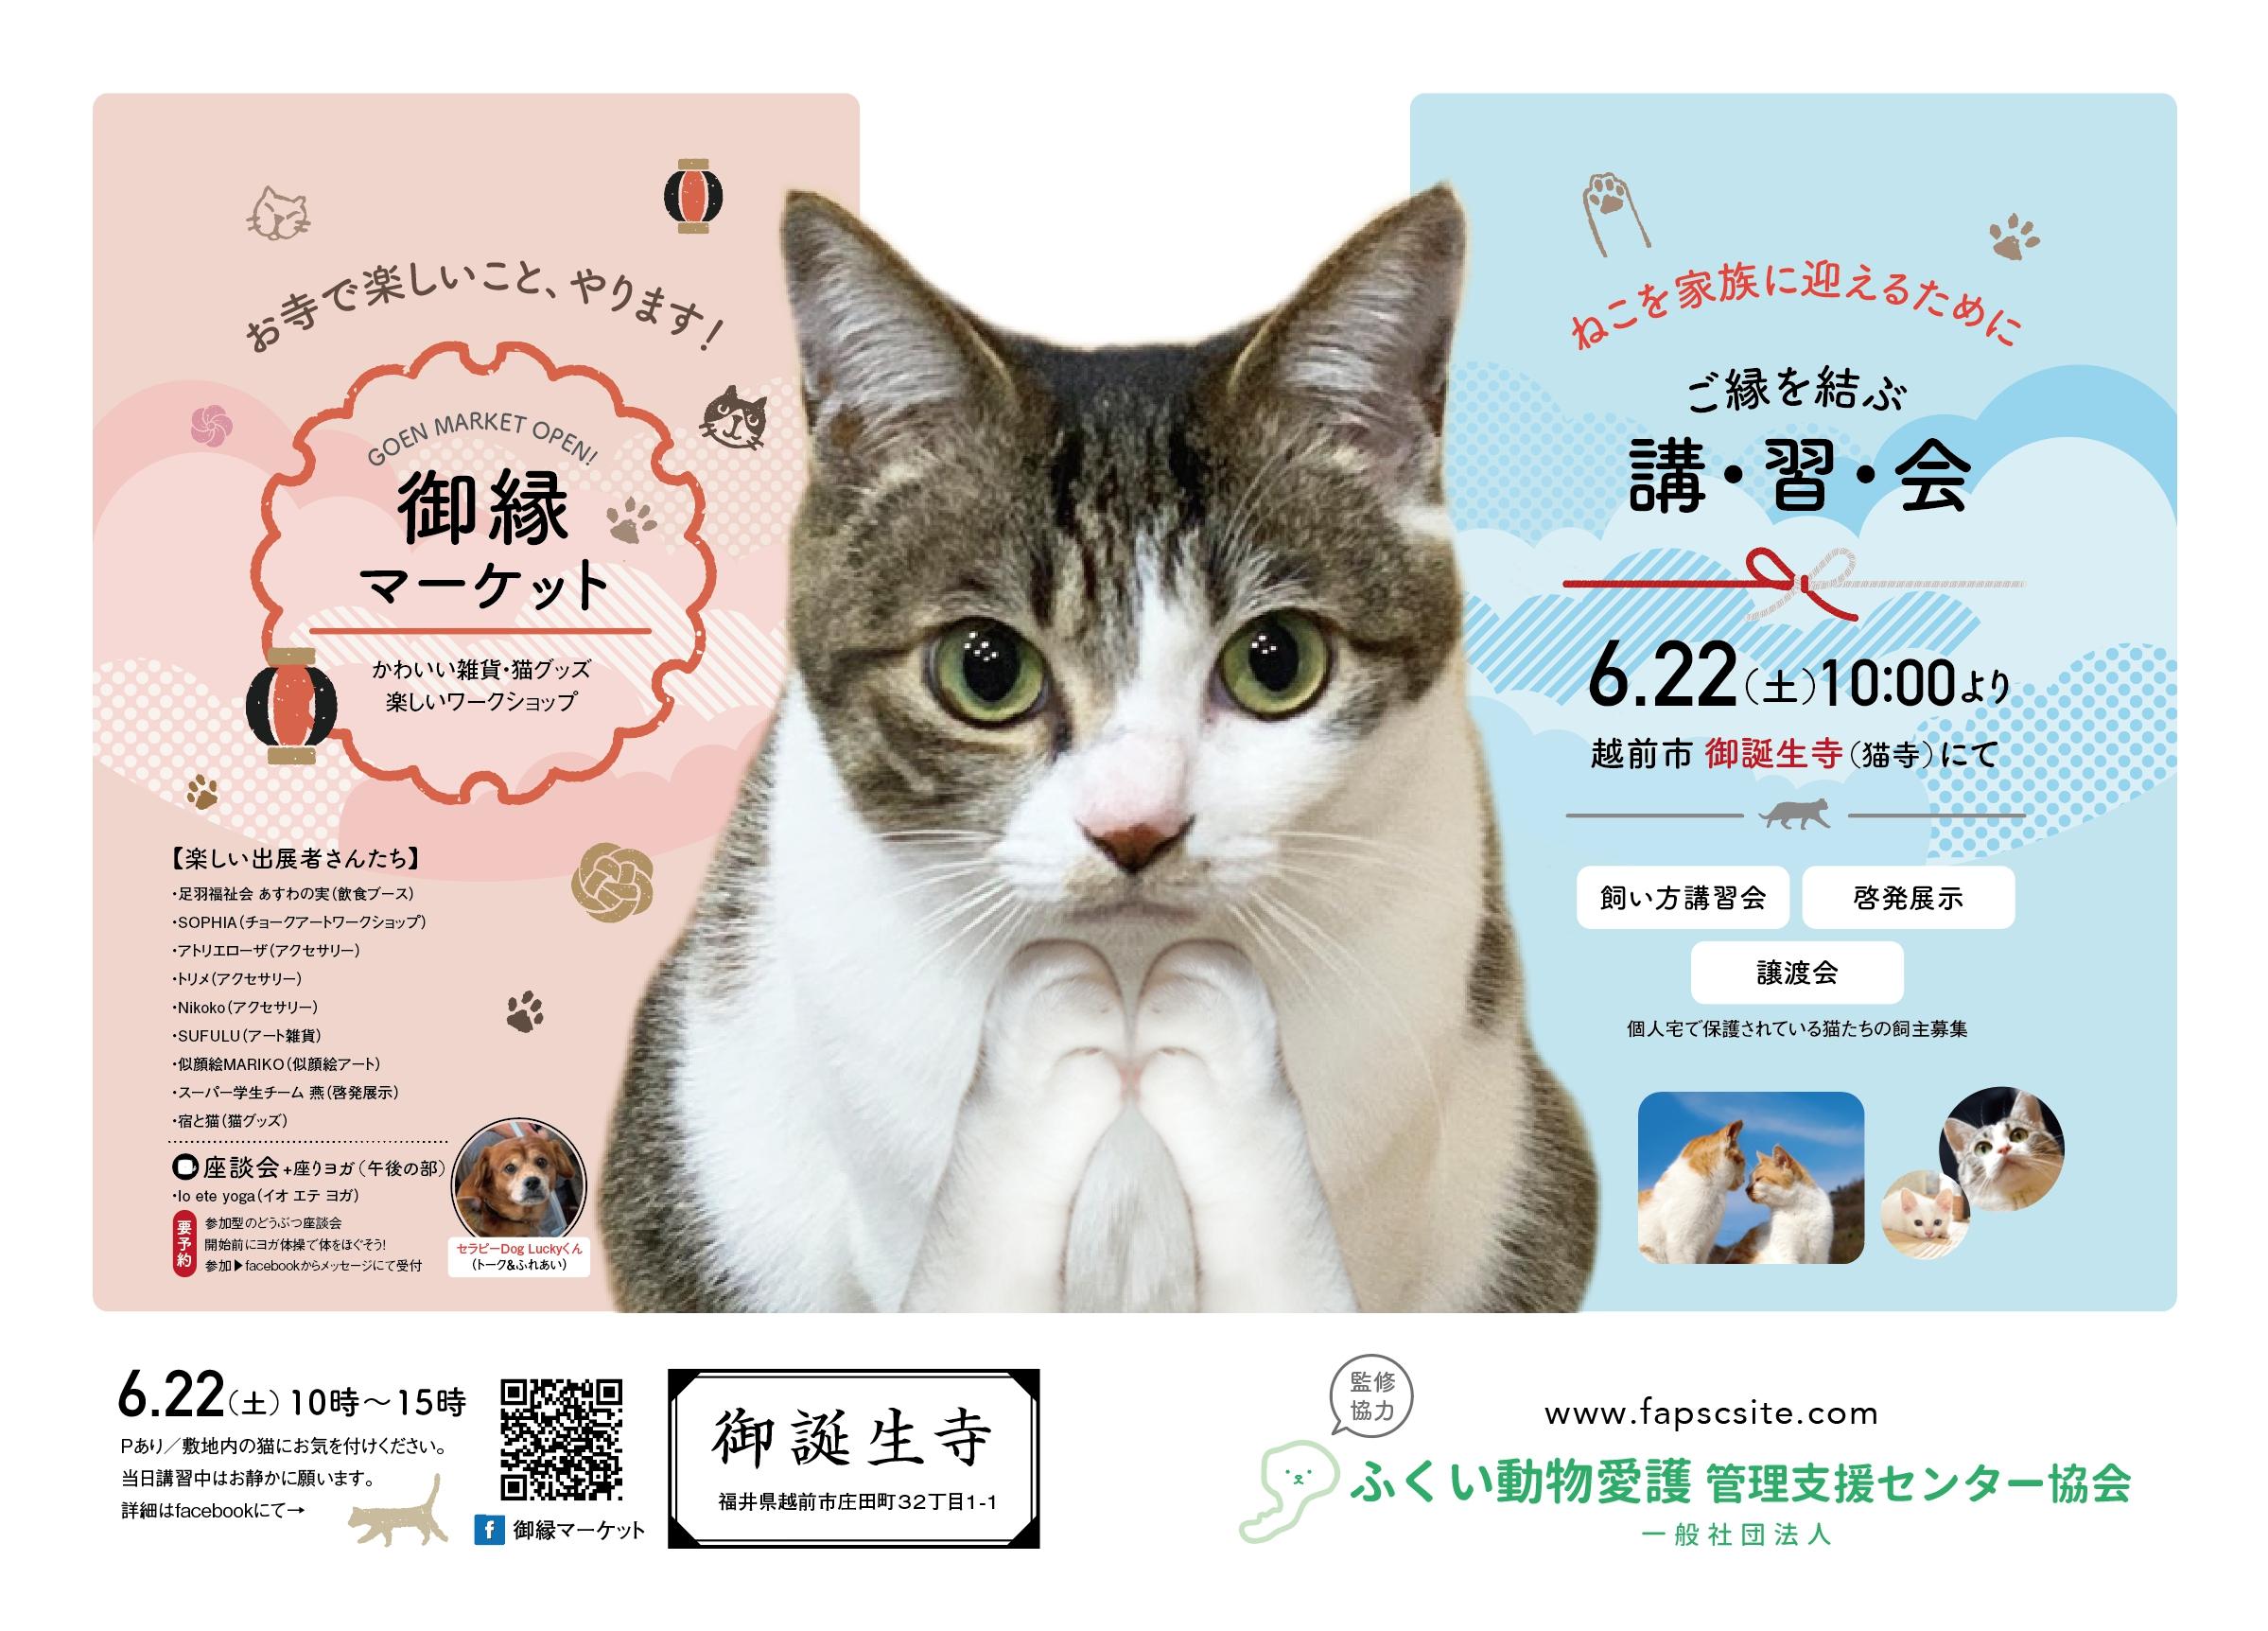 猫寺で有名な「御誕生寺」さんにて開催される猫にちなんだ楽しいマーケットのポスター。福井の女性を応援するくらし情報、くらしくふくい。